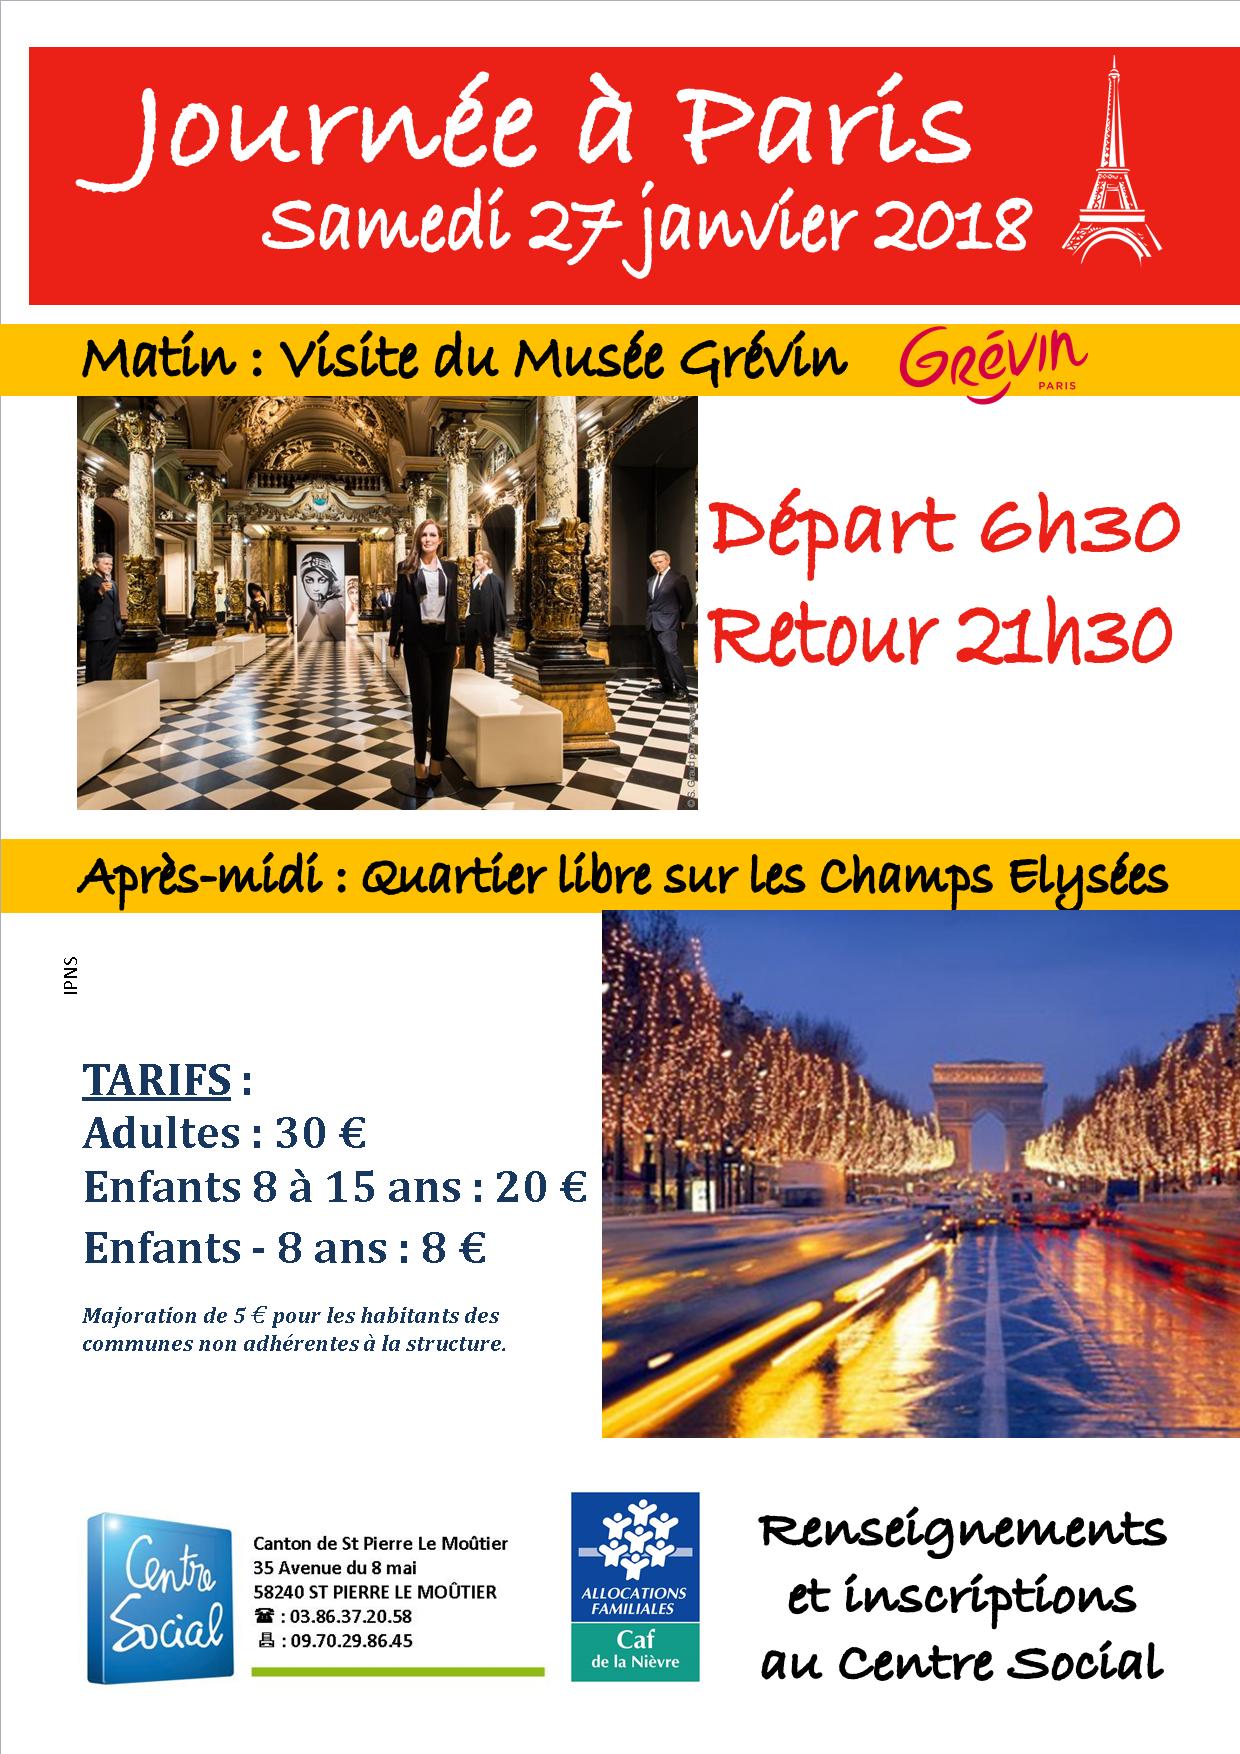 Journée à Paris - 27 janvier